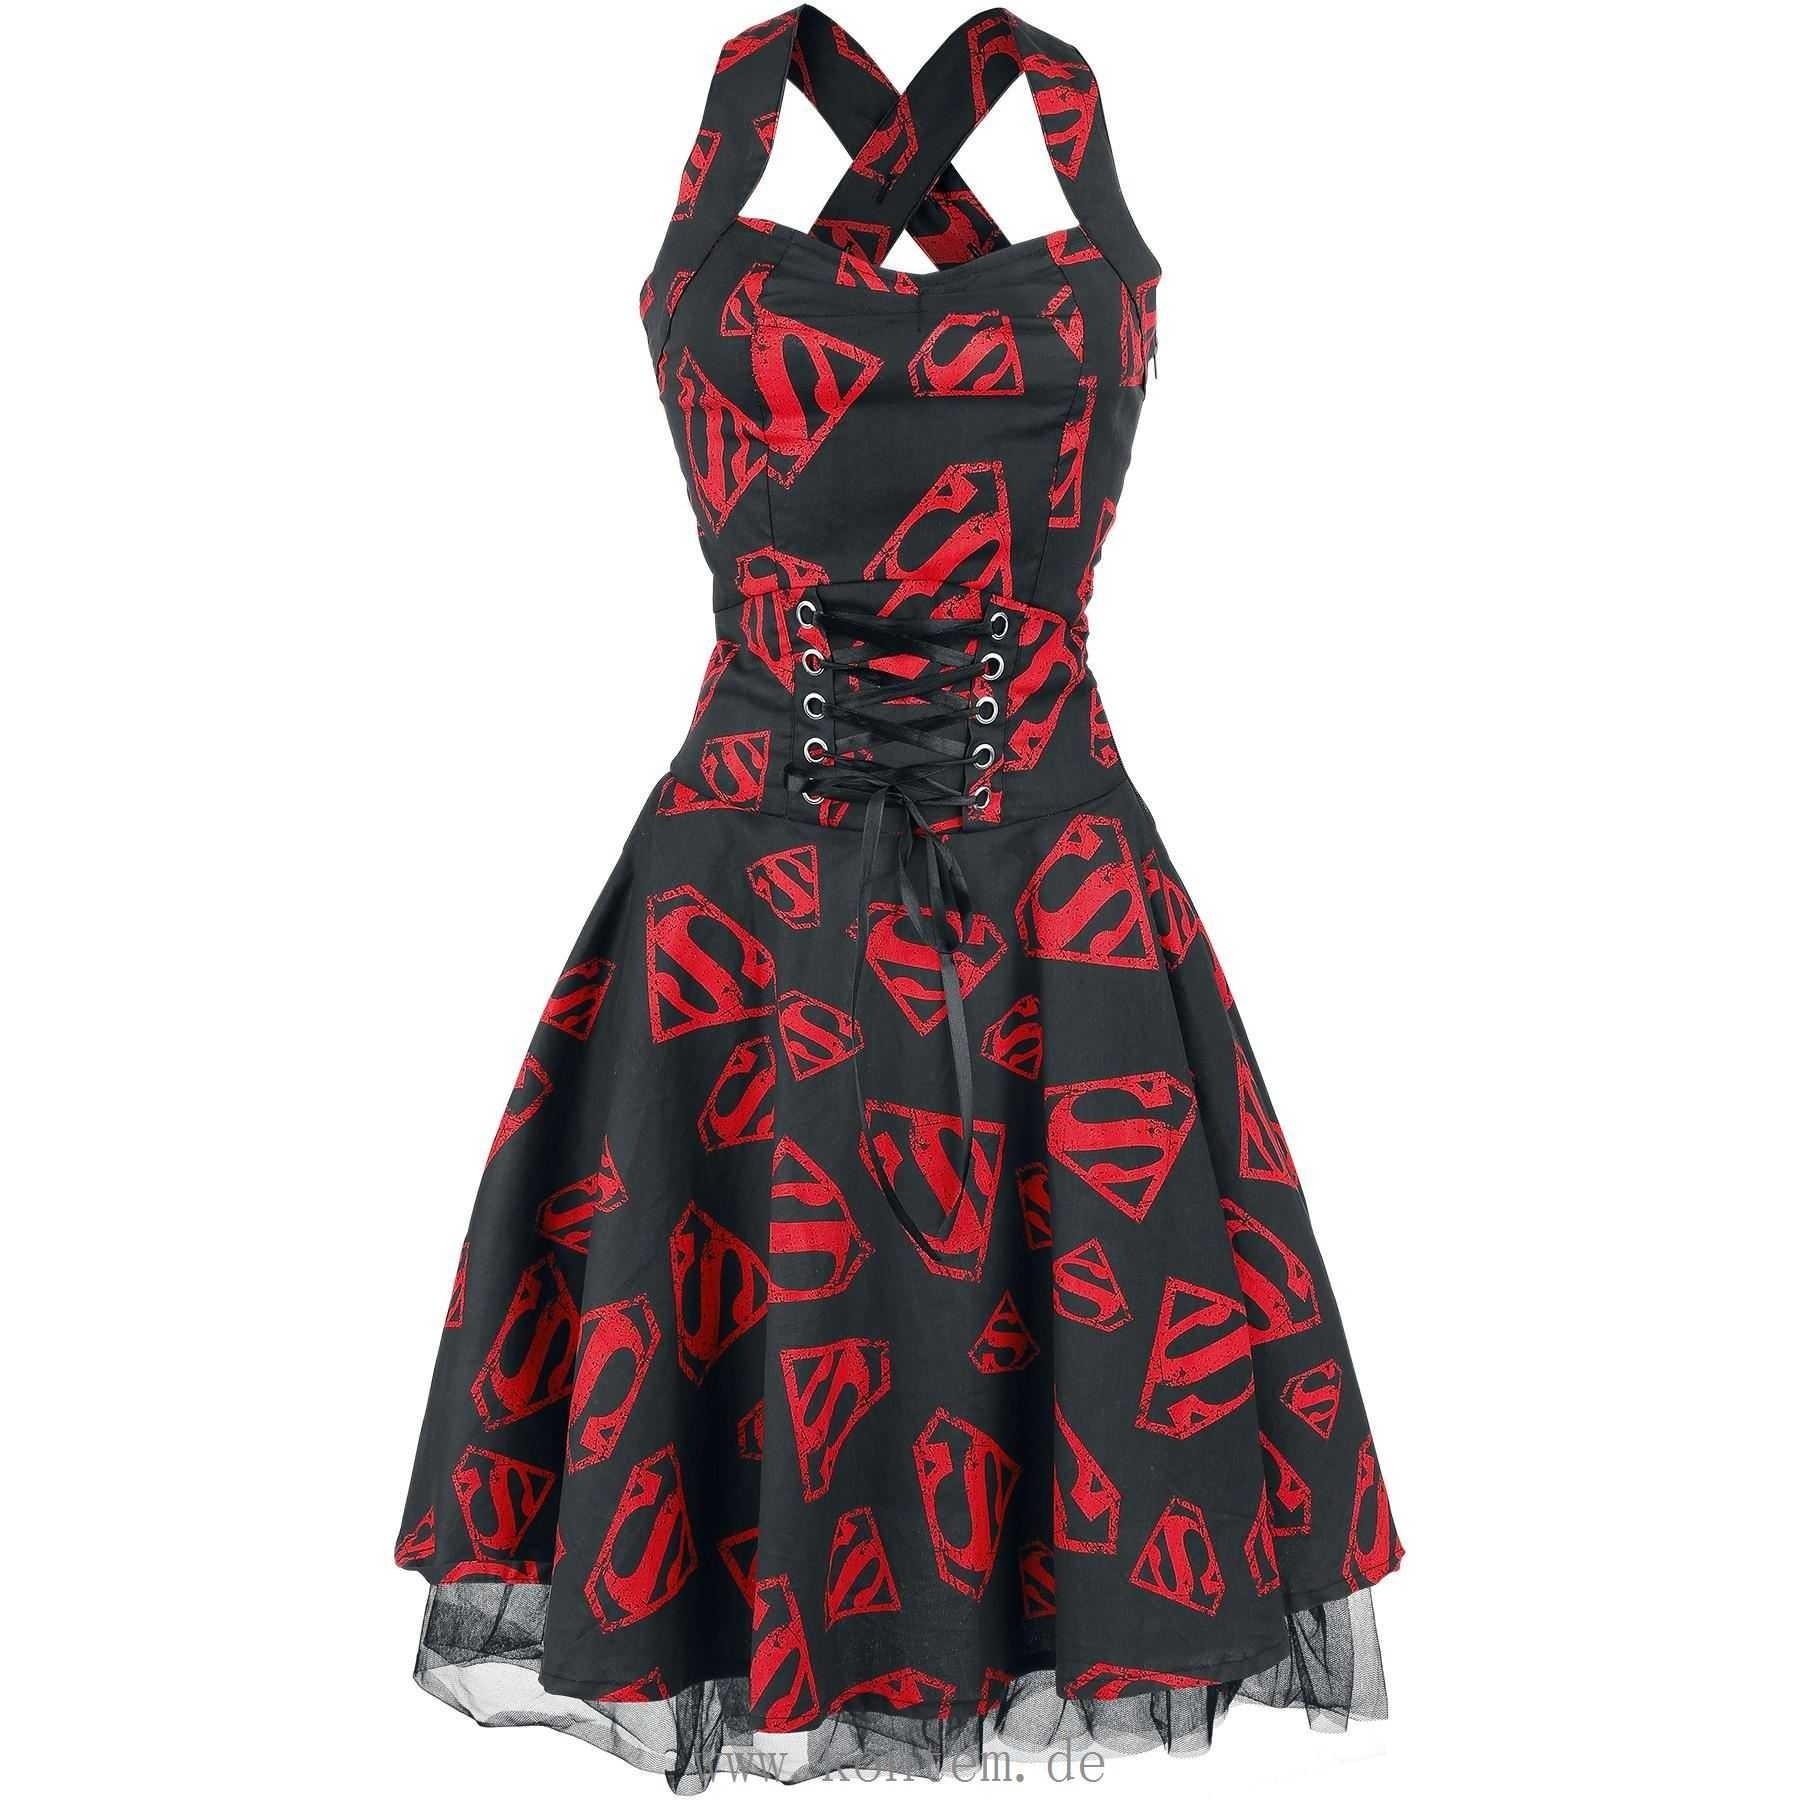 Designer Genial Kleid Schwarz Rot für 201920 Erstaunlich Kleid Schwarz Rot Spezialgebiet